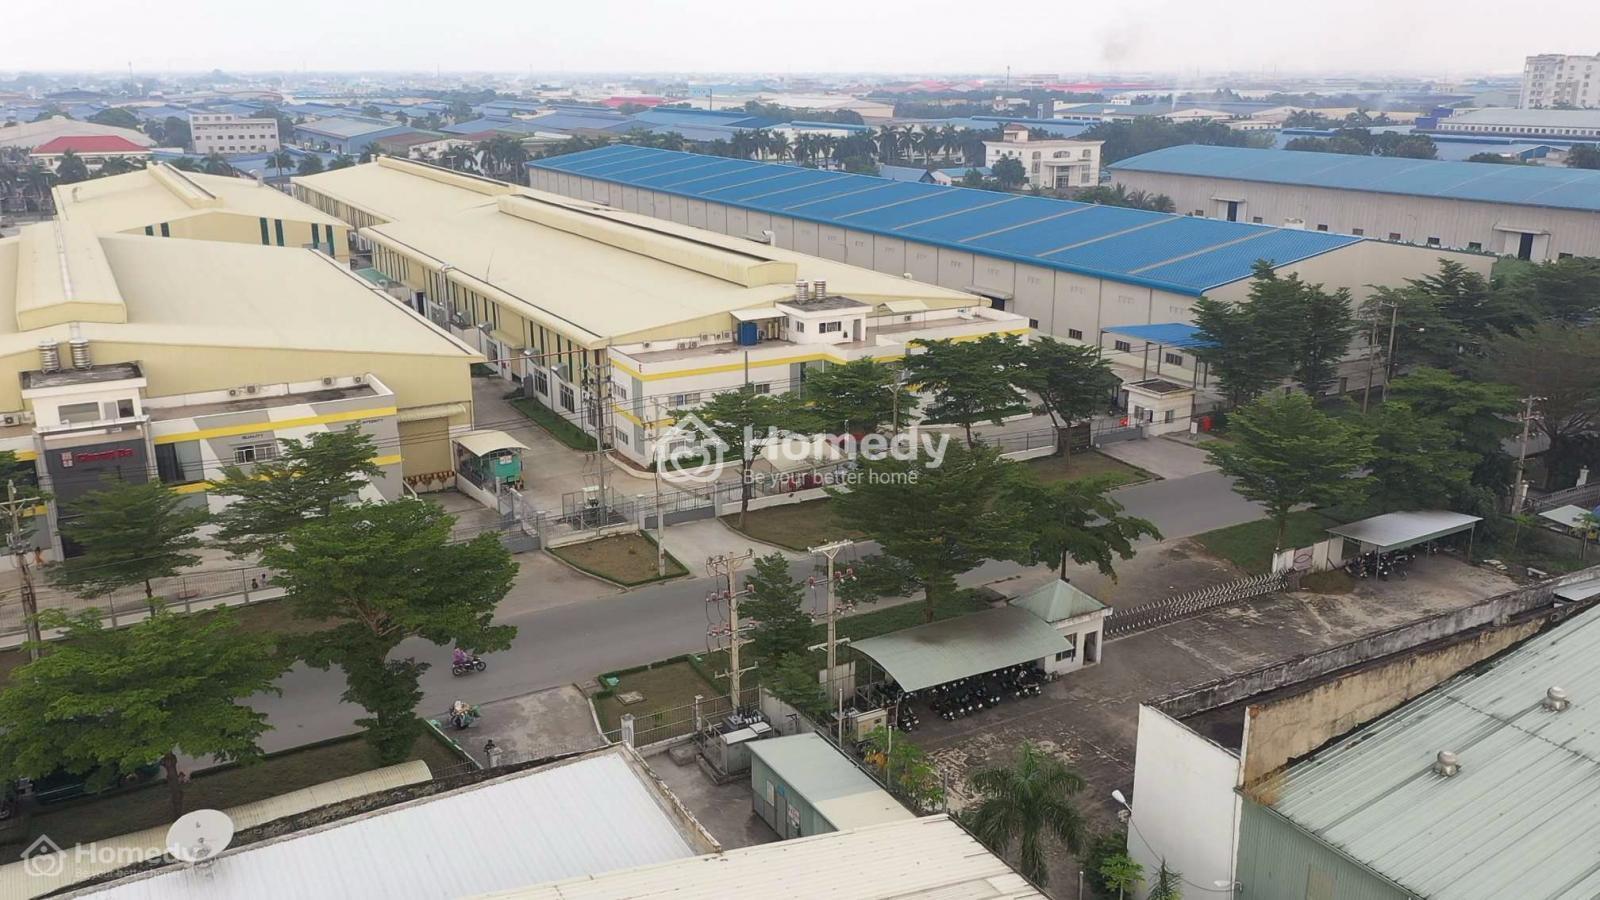 Nhu cầu tìm kiếm BĐS công nghiệp tại Long An tăng